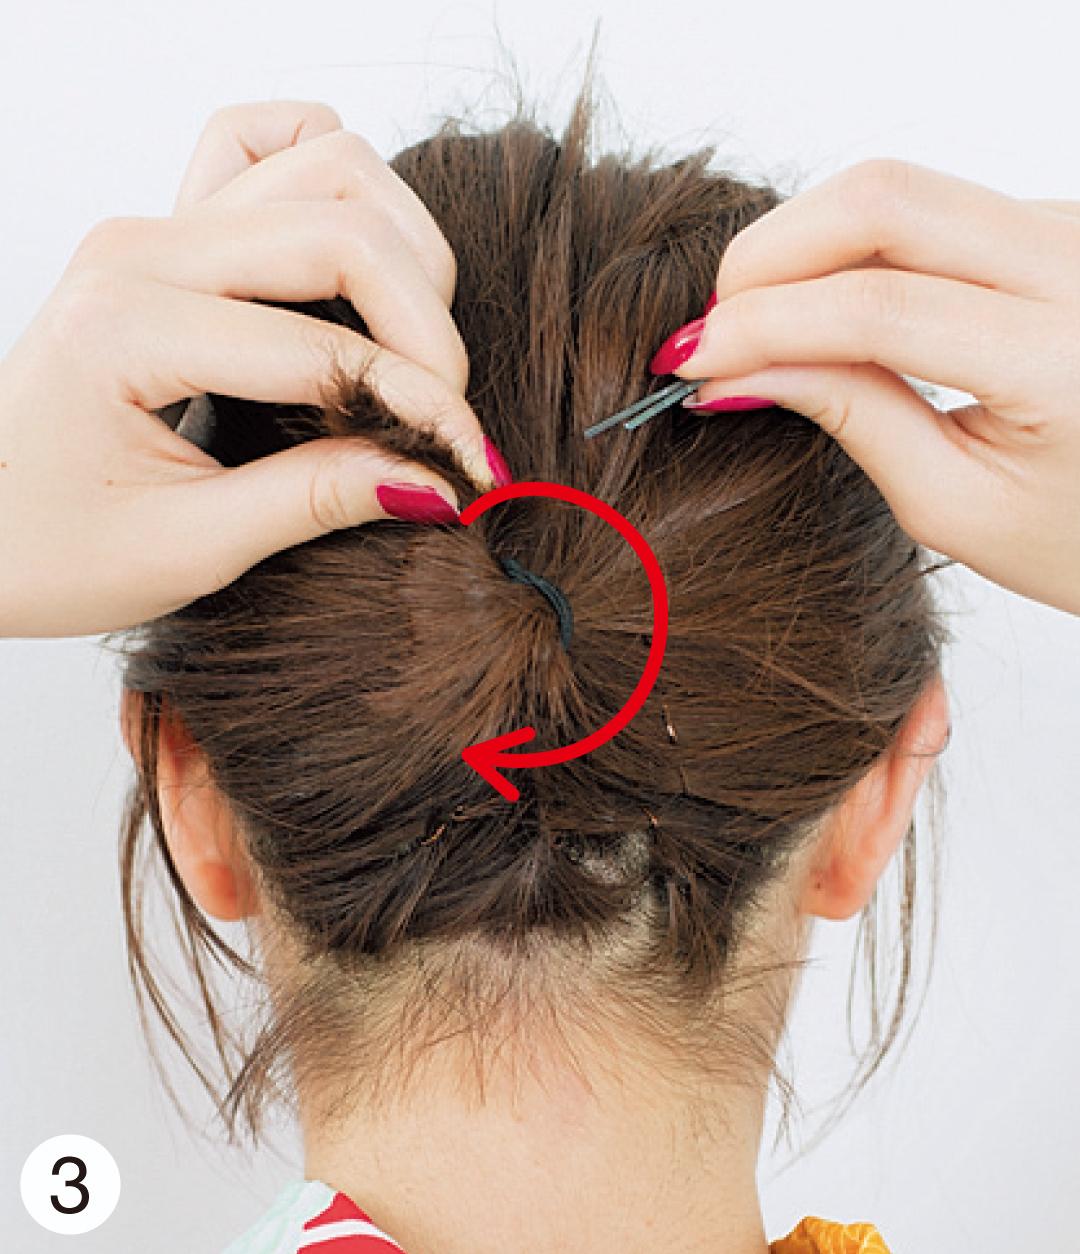 1で結んだ部分の毛束をねじり、ゴムの部分に巻きつけ、何か所かピンで固定する。髪飾りをバランスよくつけたら出来上がり!